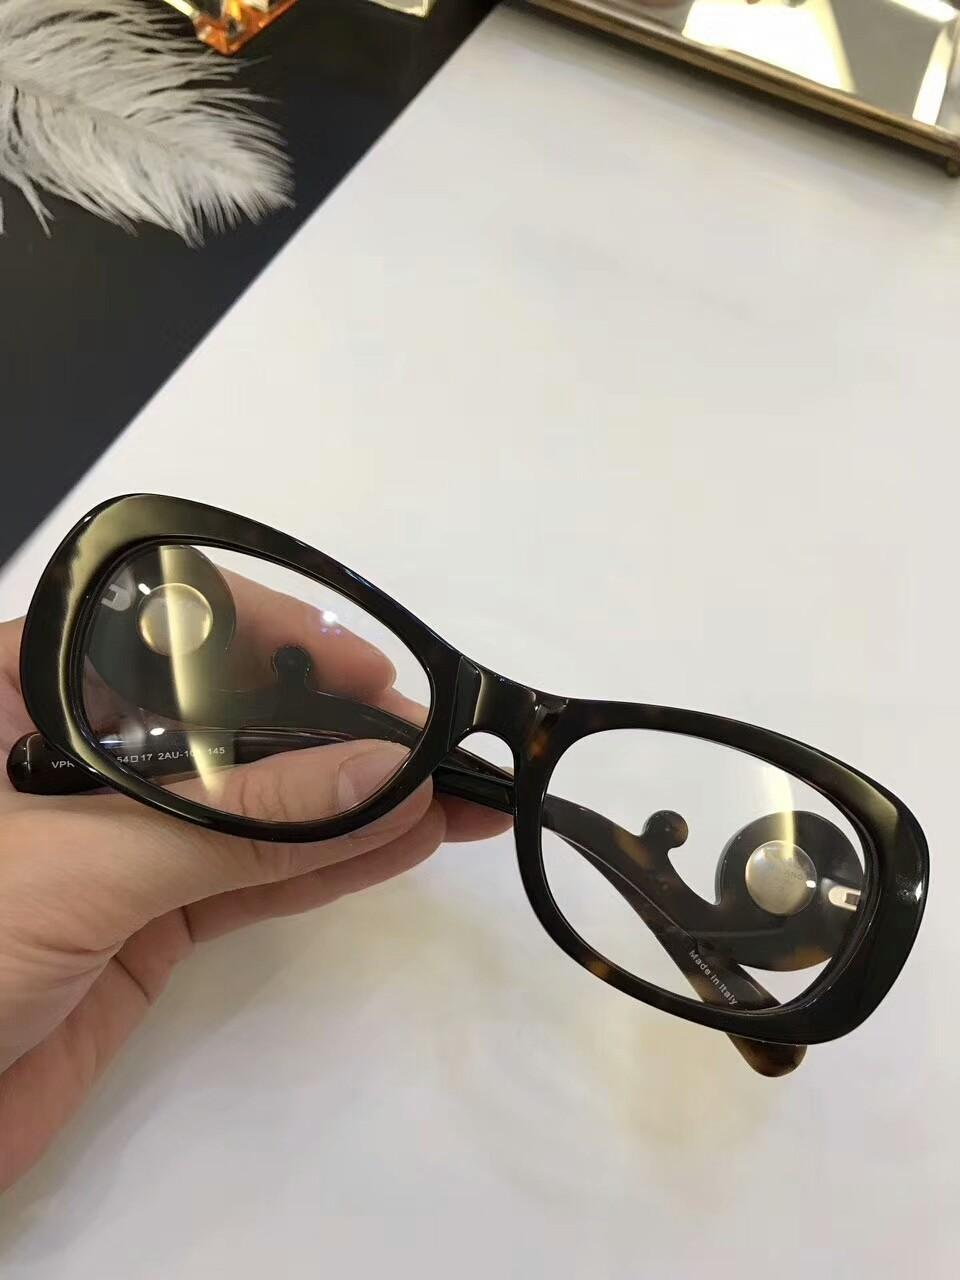 VPR 10QV óculos de armação clara lente de designer óculos óculos estilo design de moda de diamantes mulheres Handmade óculos de marca de quadro